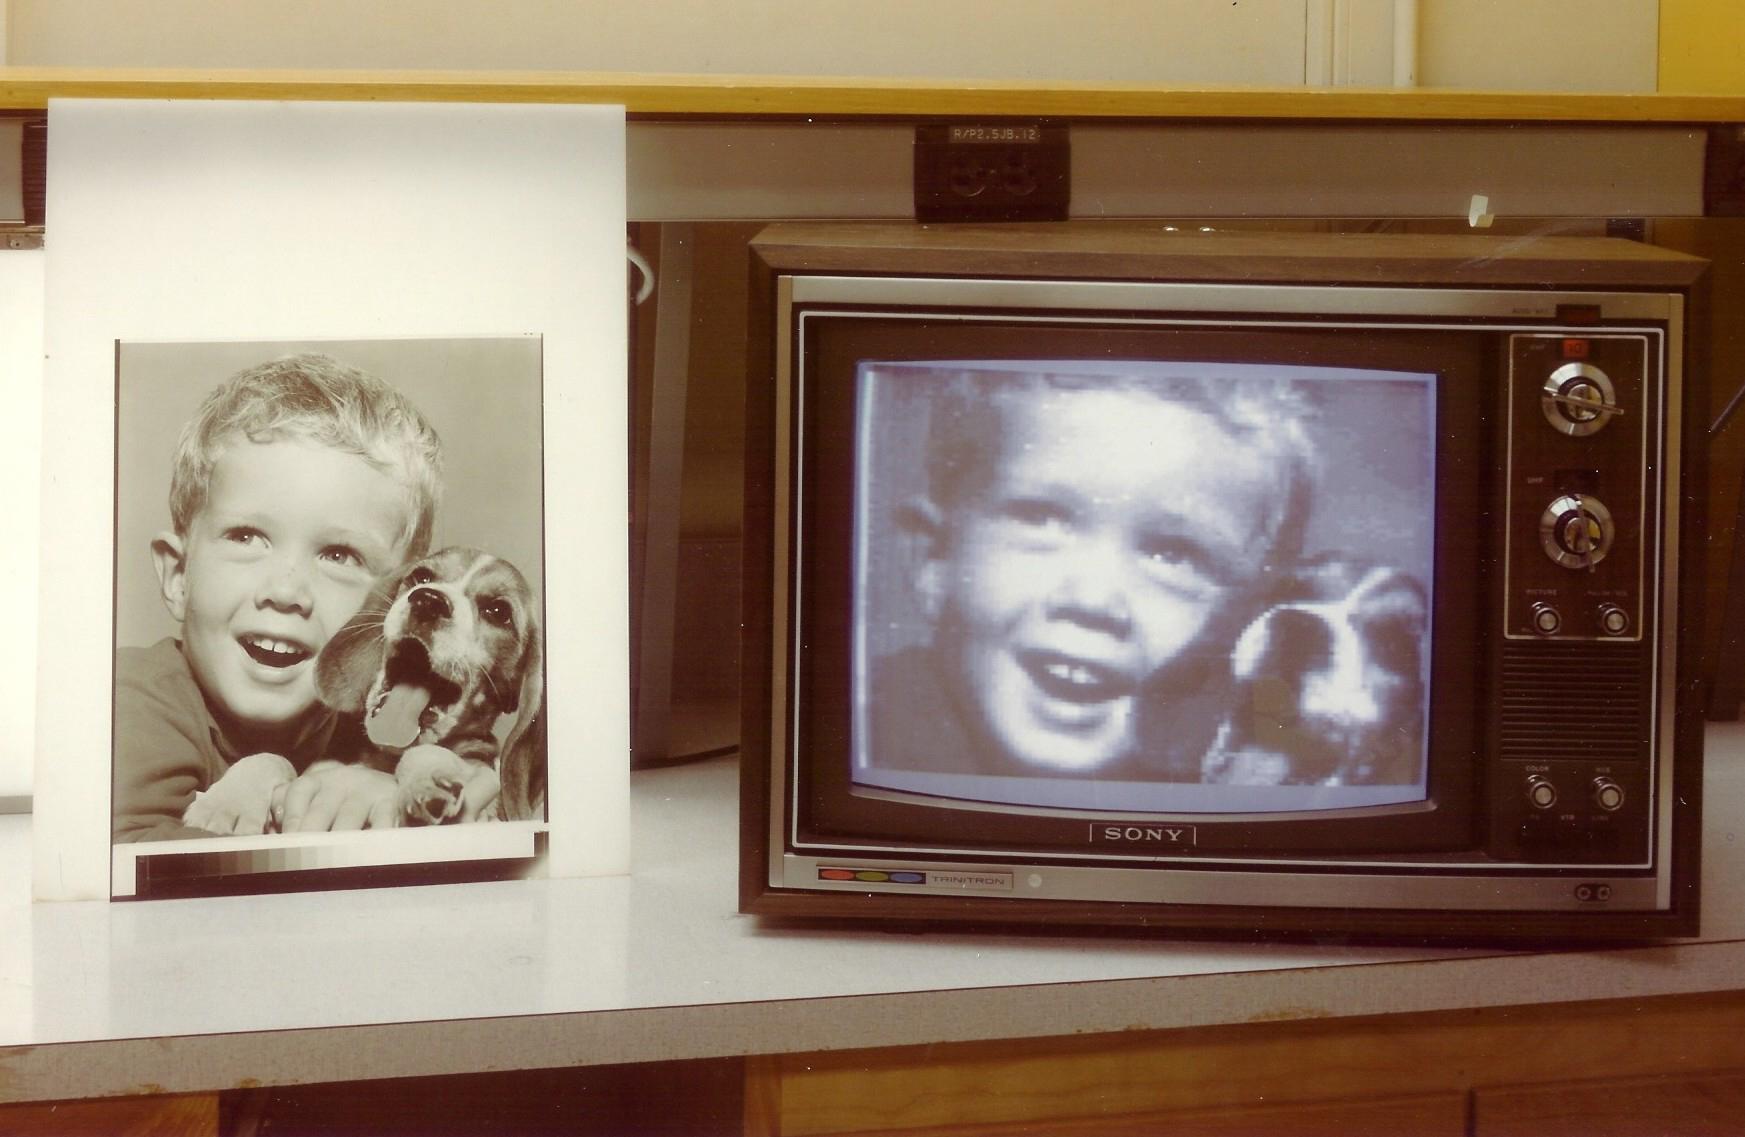 premier lecteur tirage photo numerique kodak Le premier appareil photo numérique